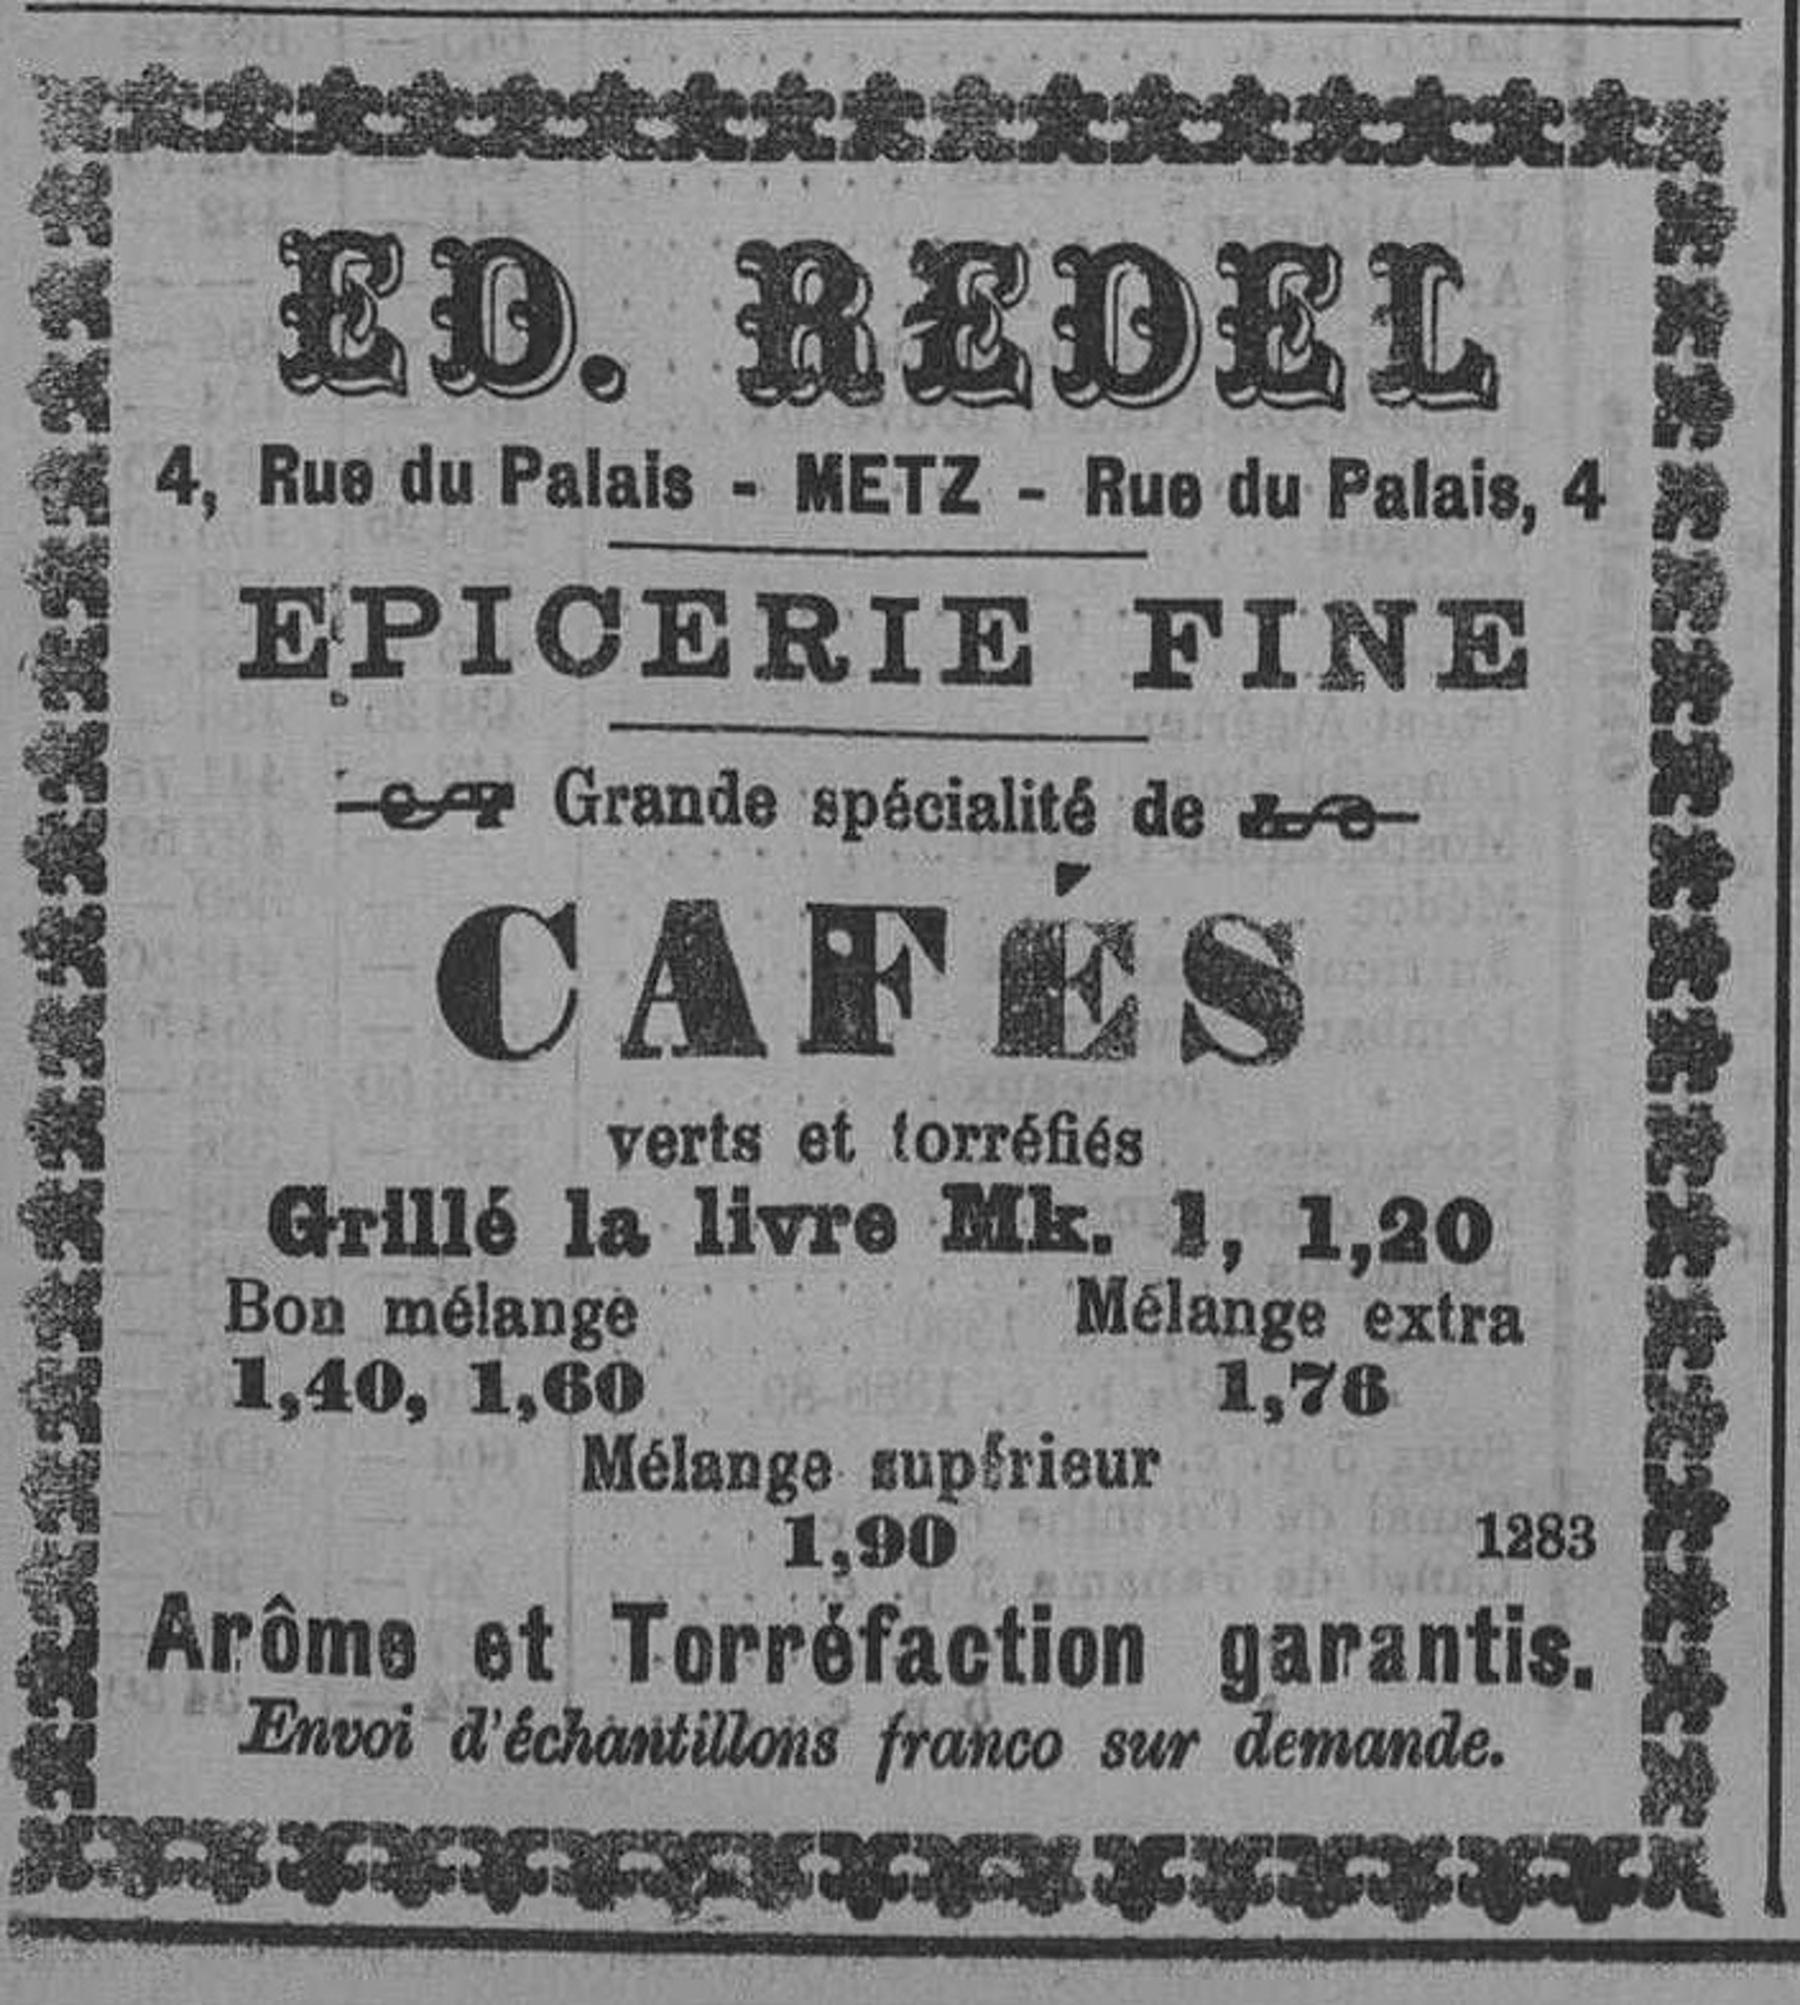 Contenu du Ed. Redel - Epicerie fine - grande spécialité de cafés